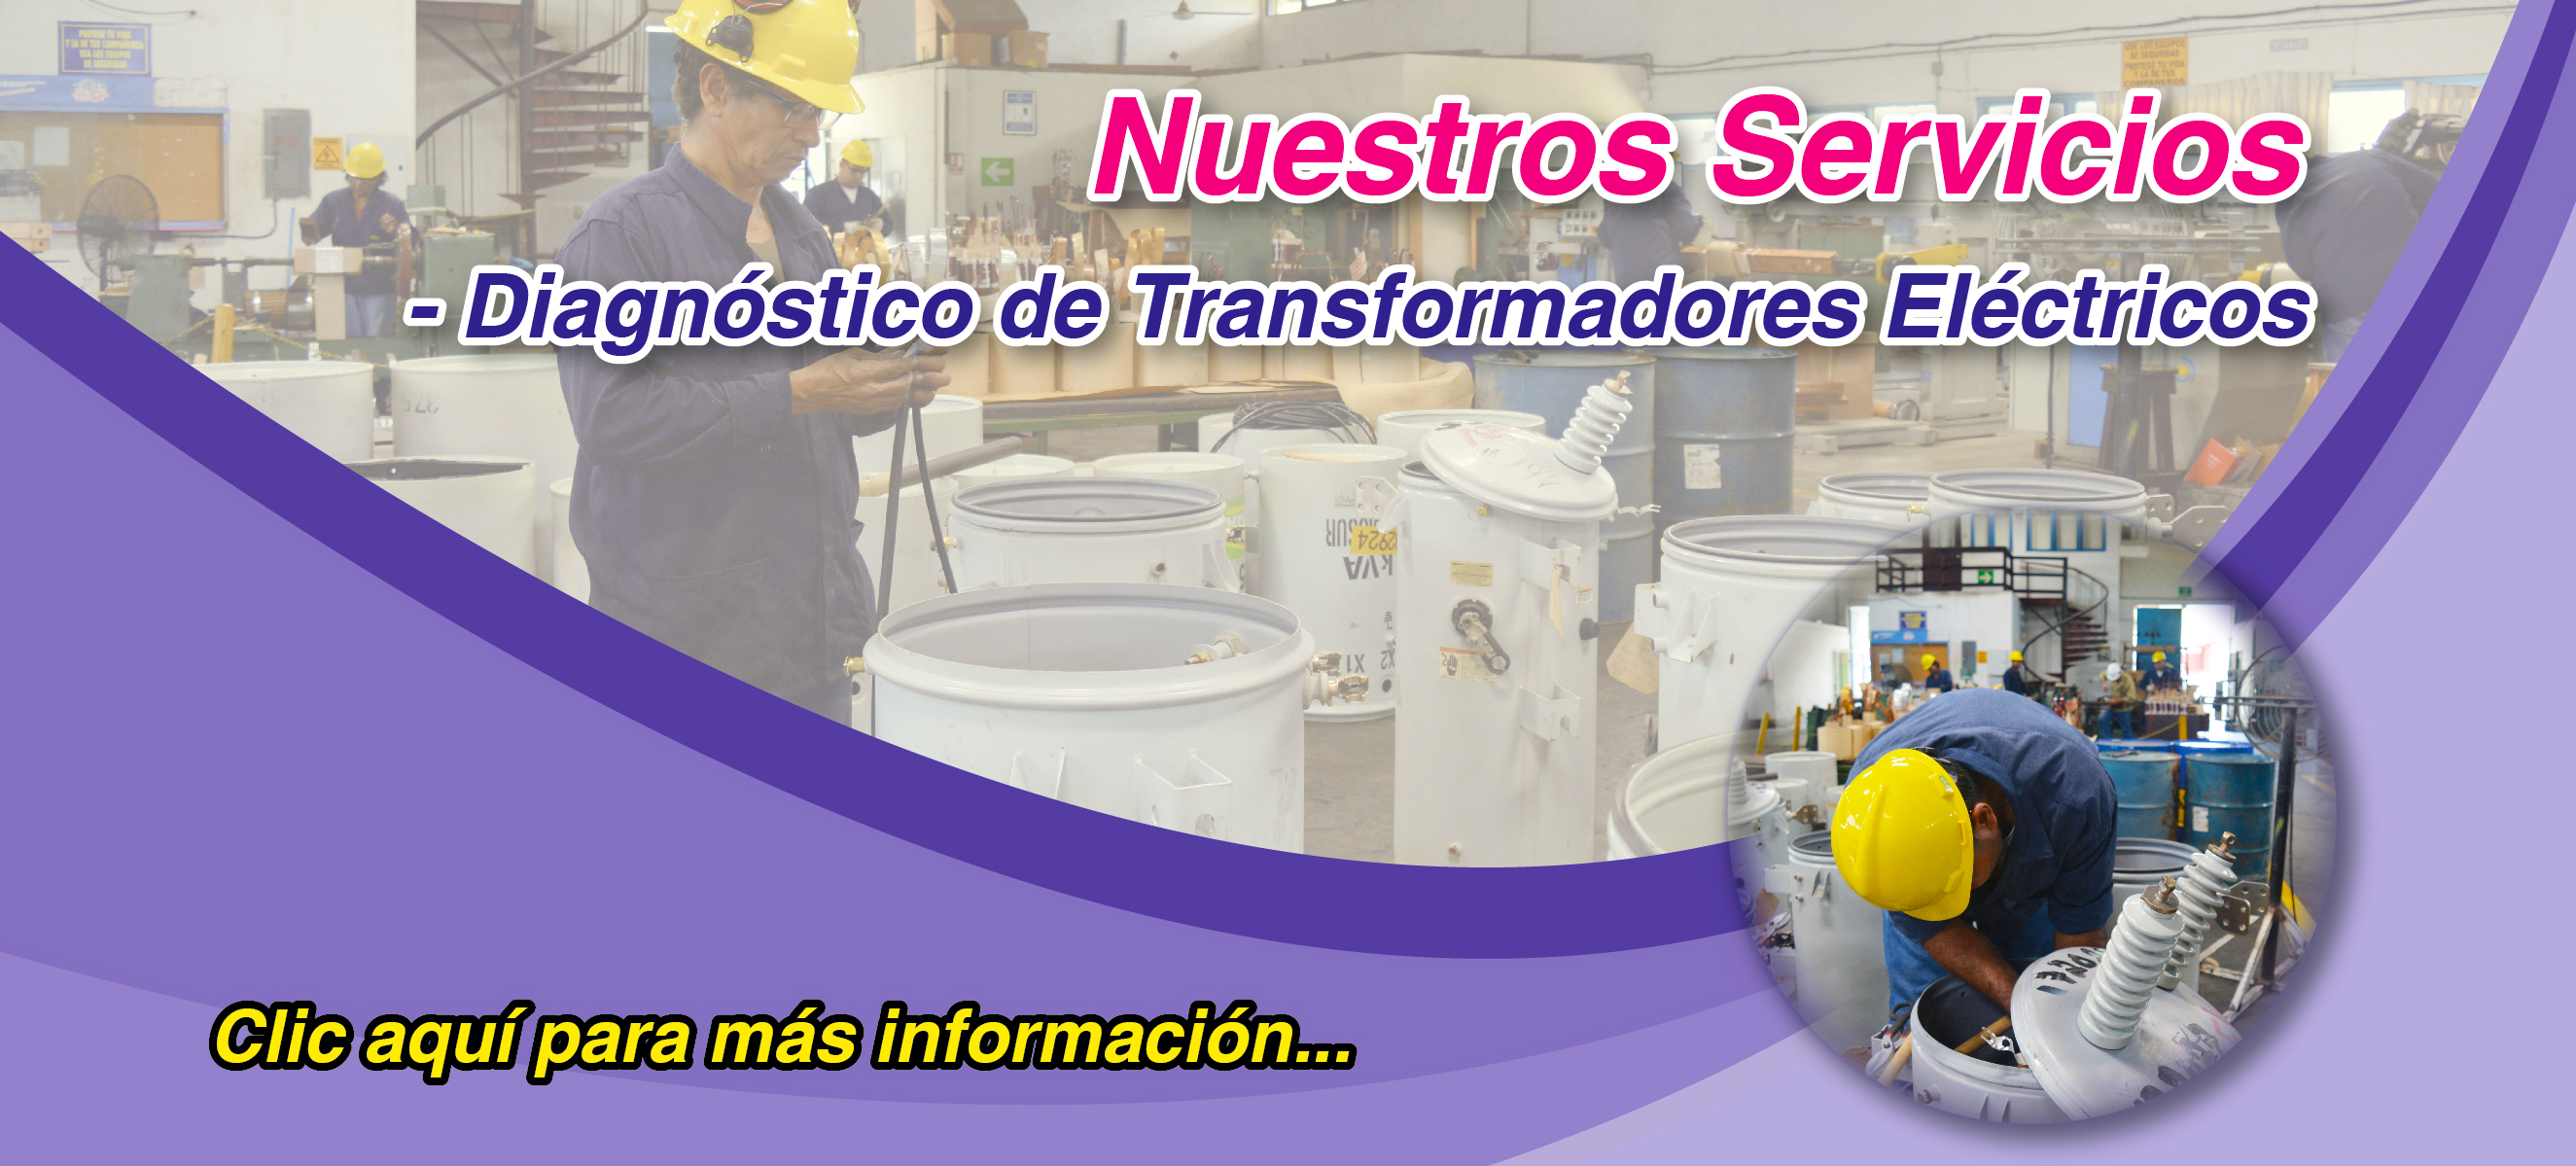 Banner de Servicios nuevos